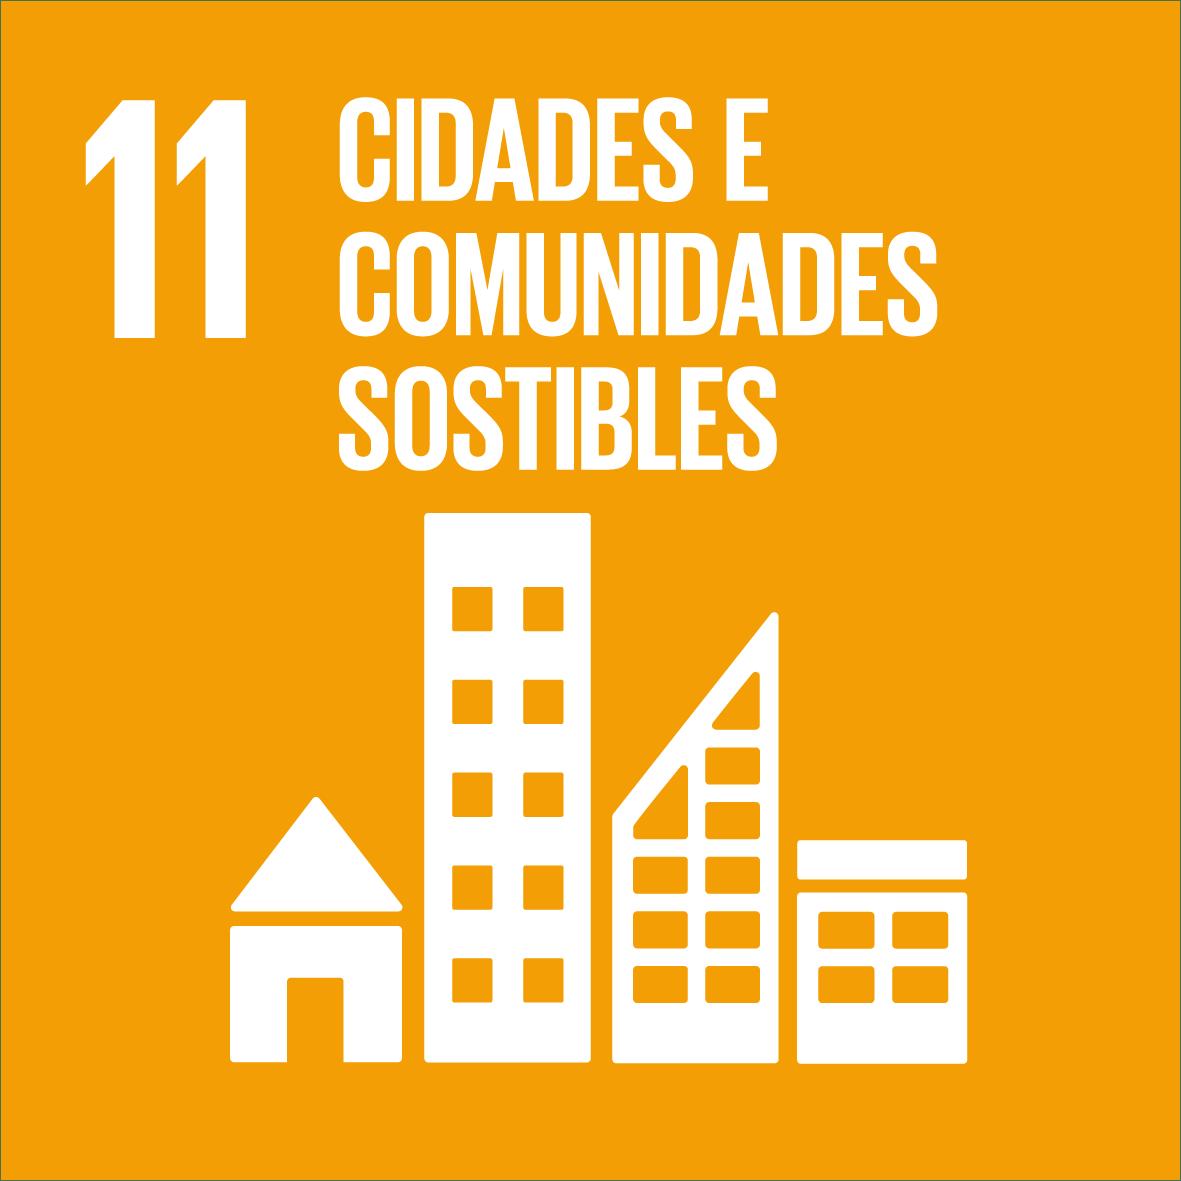 ODS 11: Cidades e comunidades sostibles